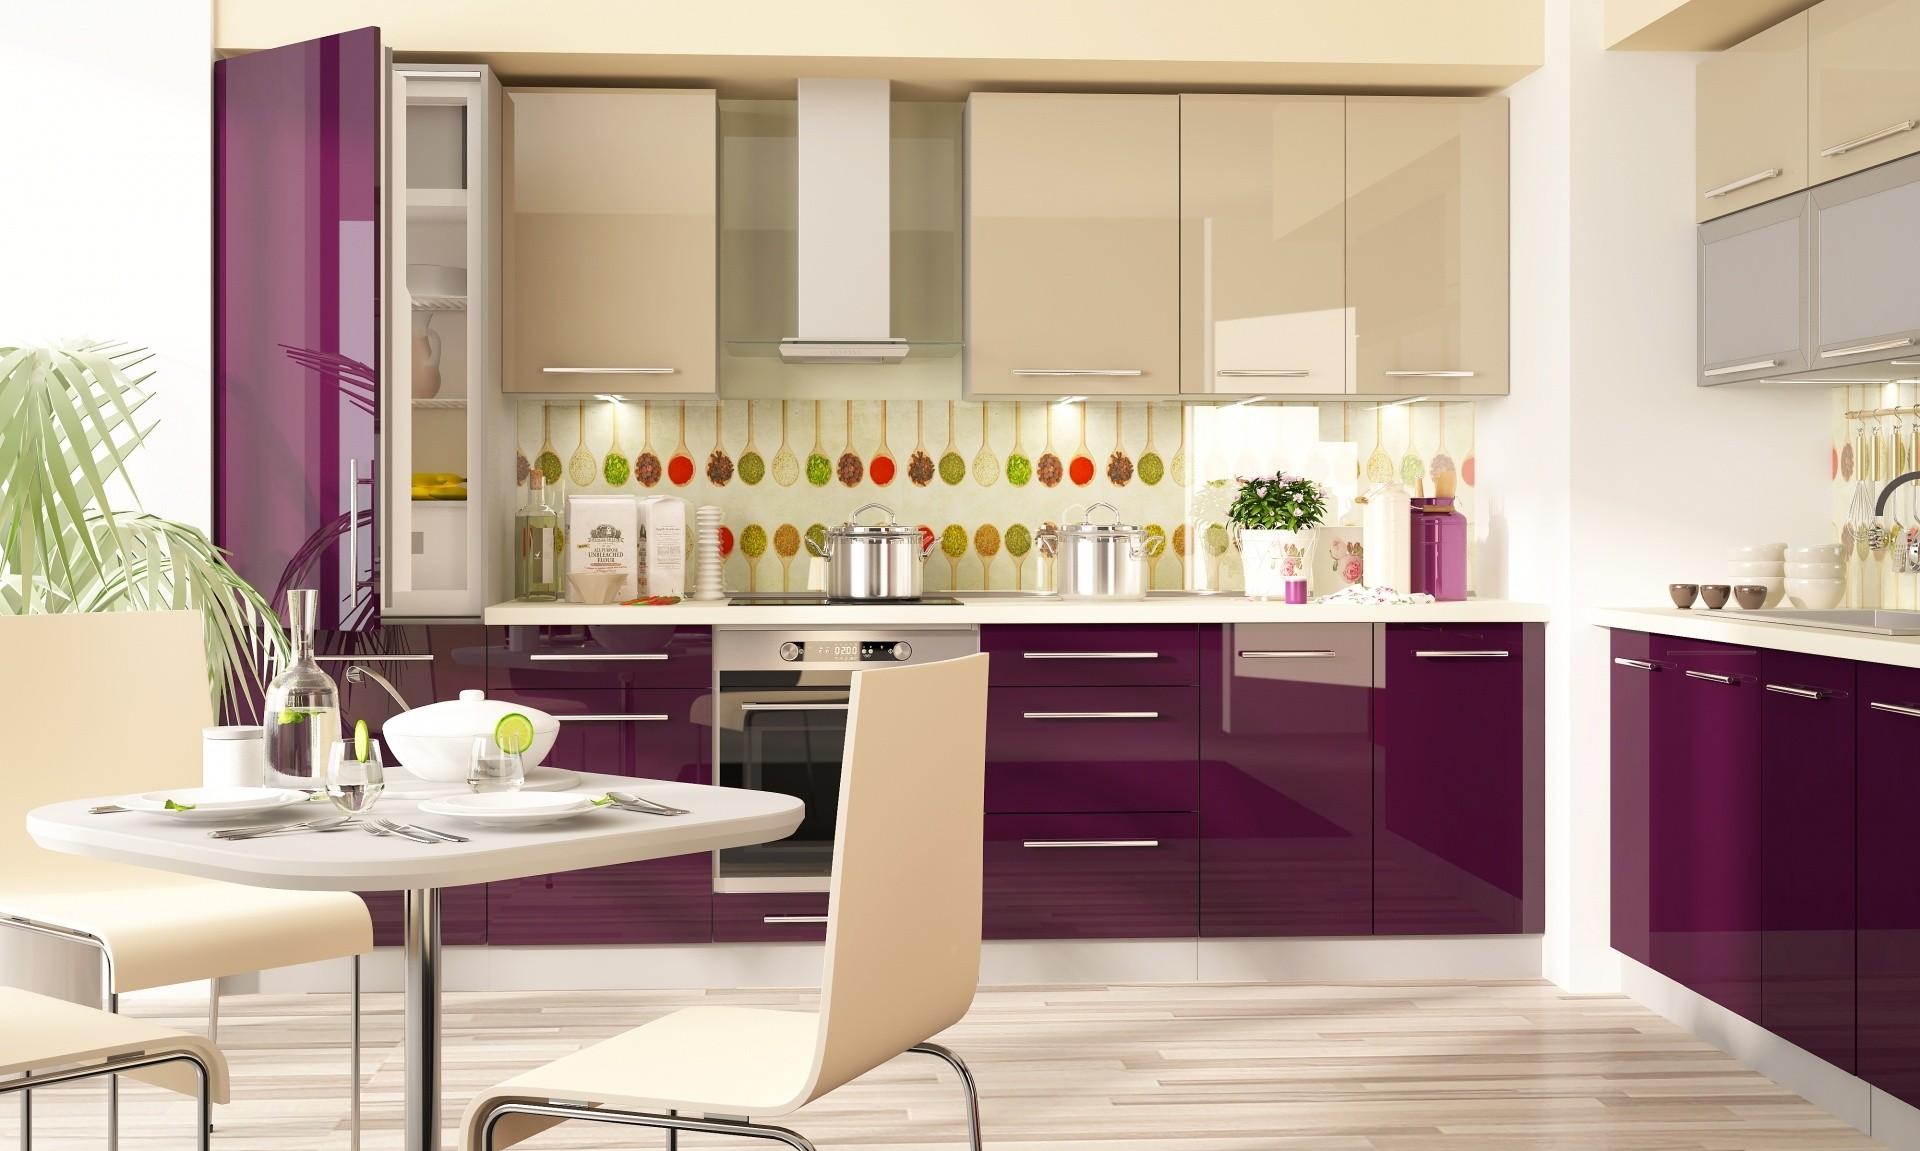 кухонный гарнитур в цвете ваниль и крем-брюле дизайн идеи